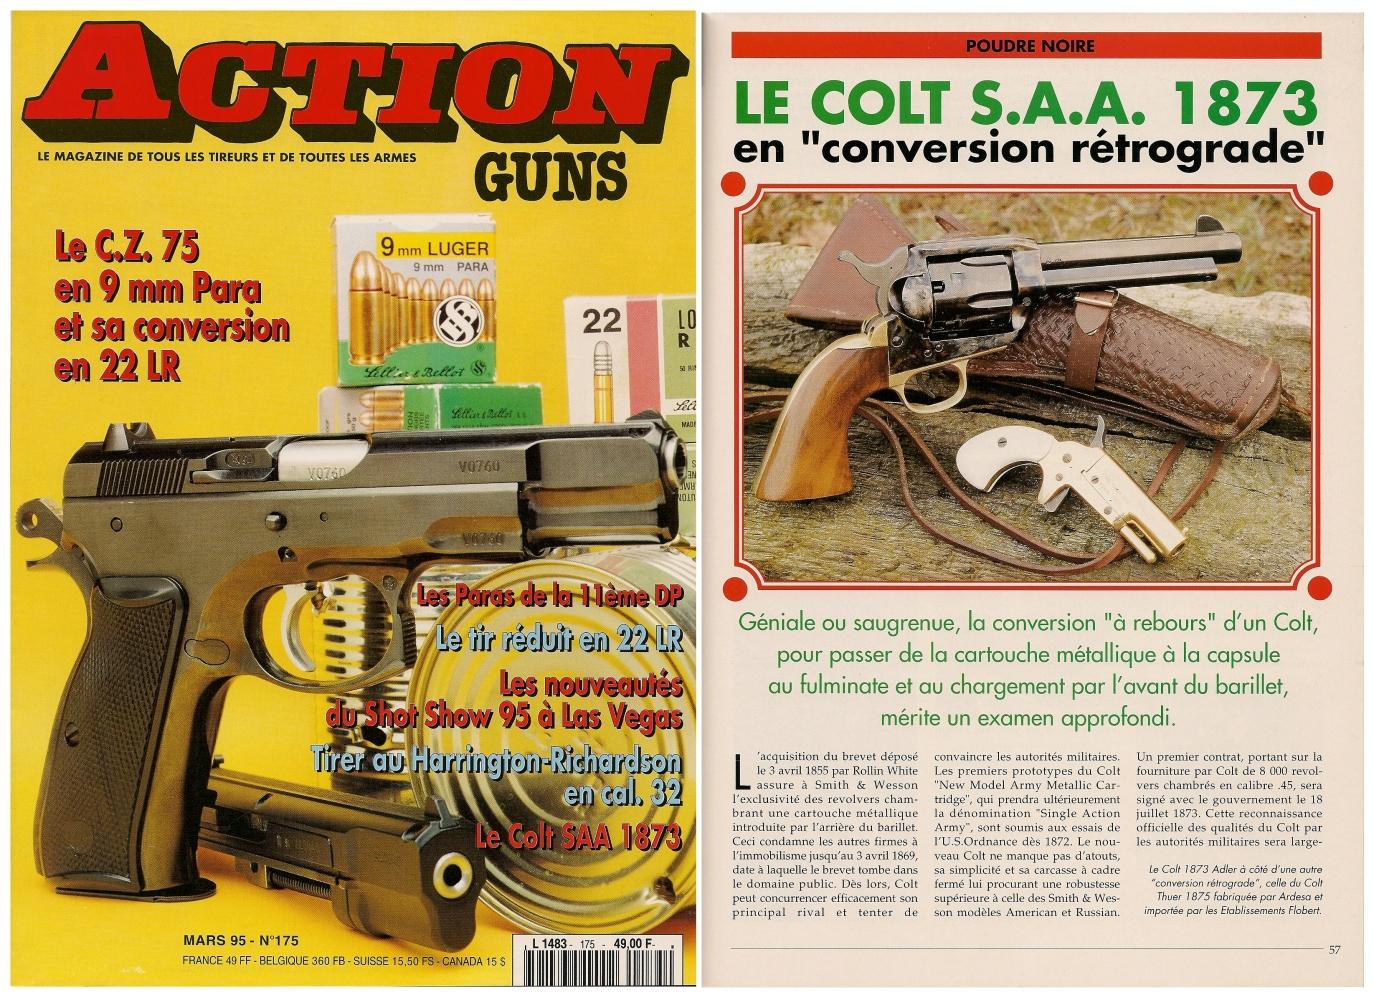 Le banc d'essai de la réplique Adler du Colt 1873 a été publié sur 5 pages dans le magazine Action Guns n° 175 (mars 1995).